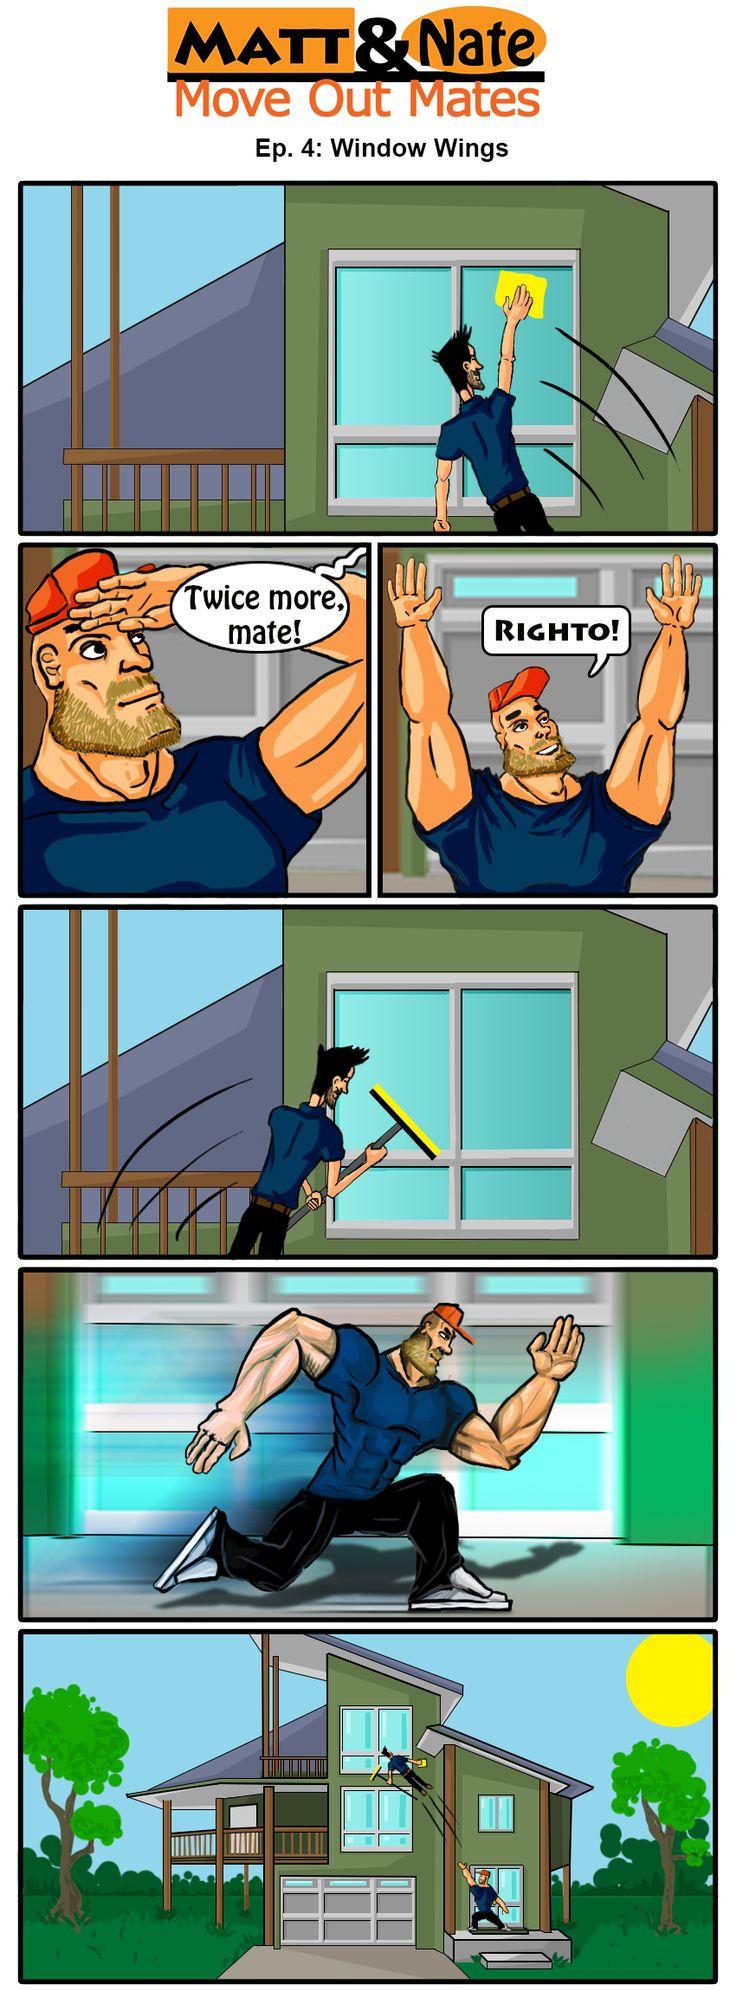 The Mates Clean windows